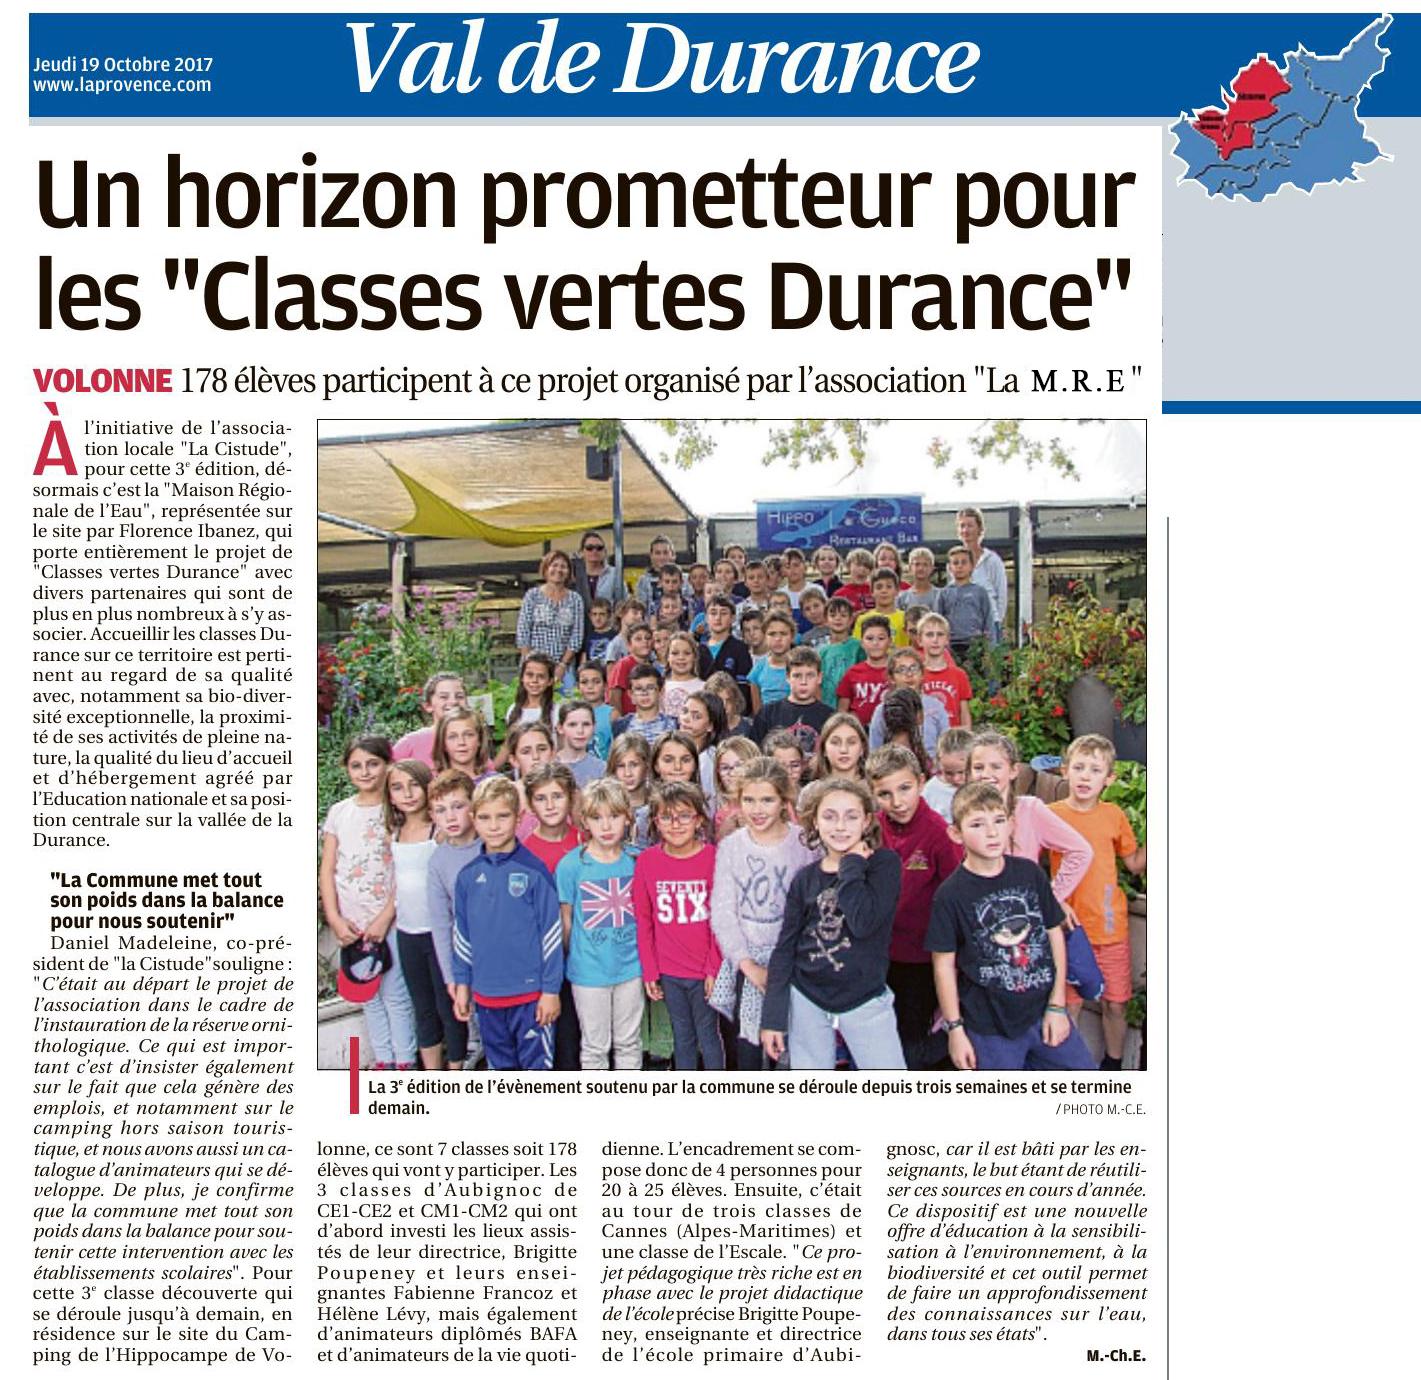 CLASSES DURANCE, Article de la Provence, 19 oct 2017